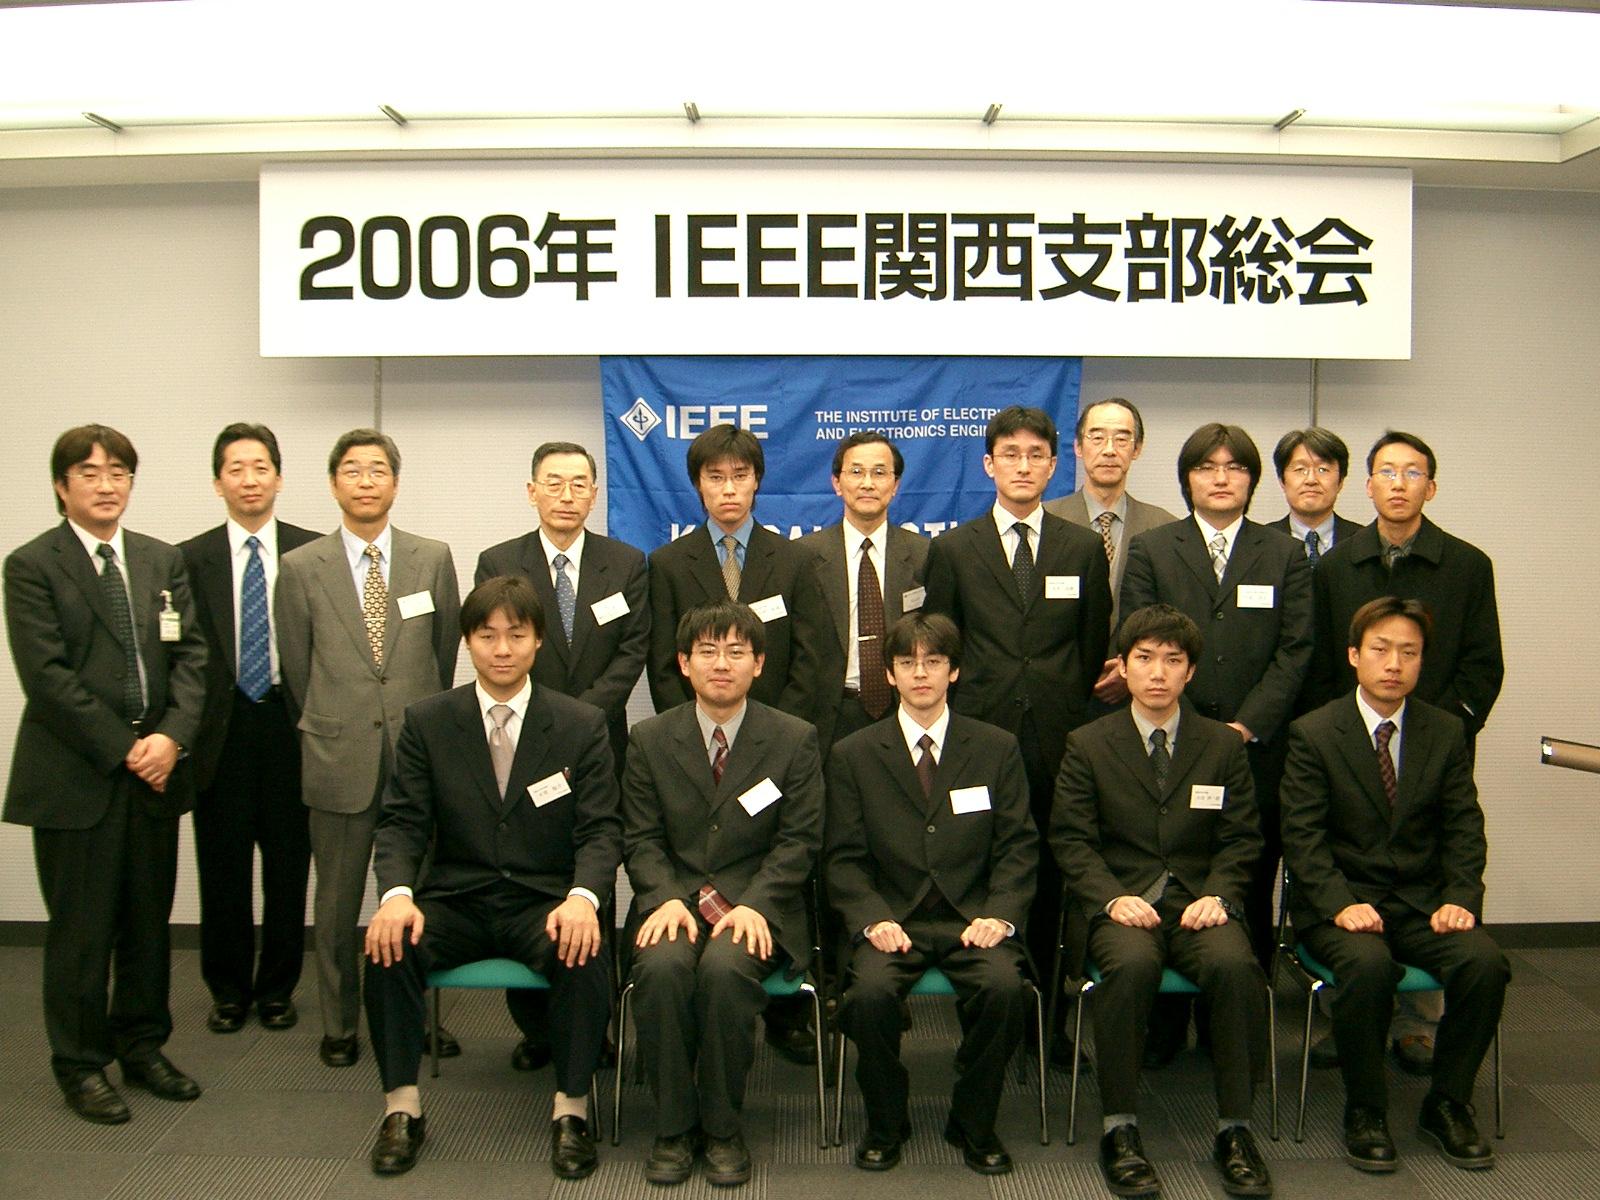 2006年 - 2006